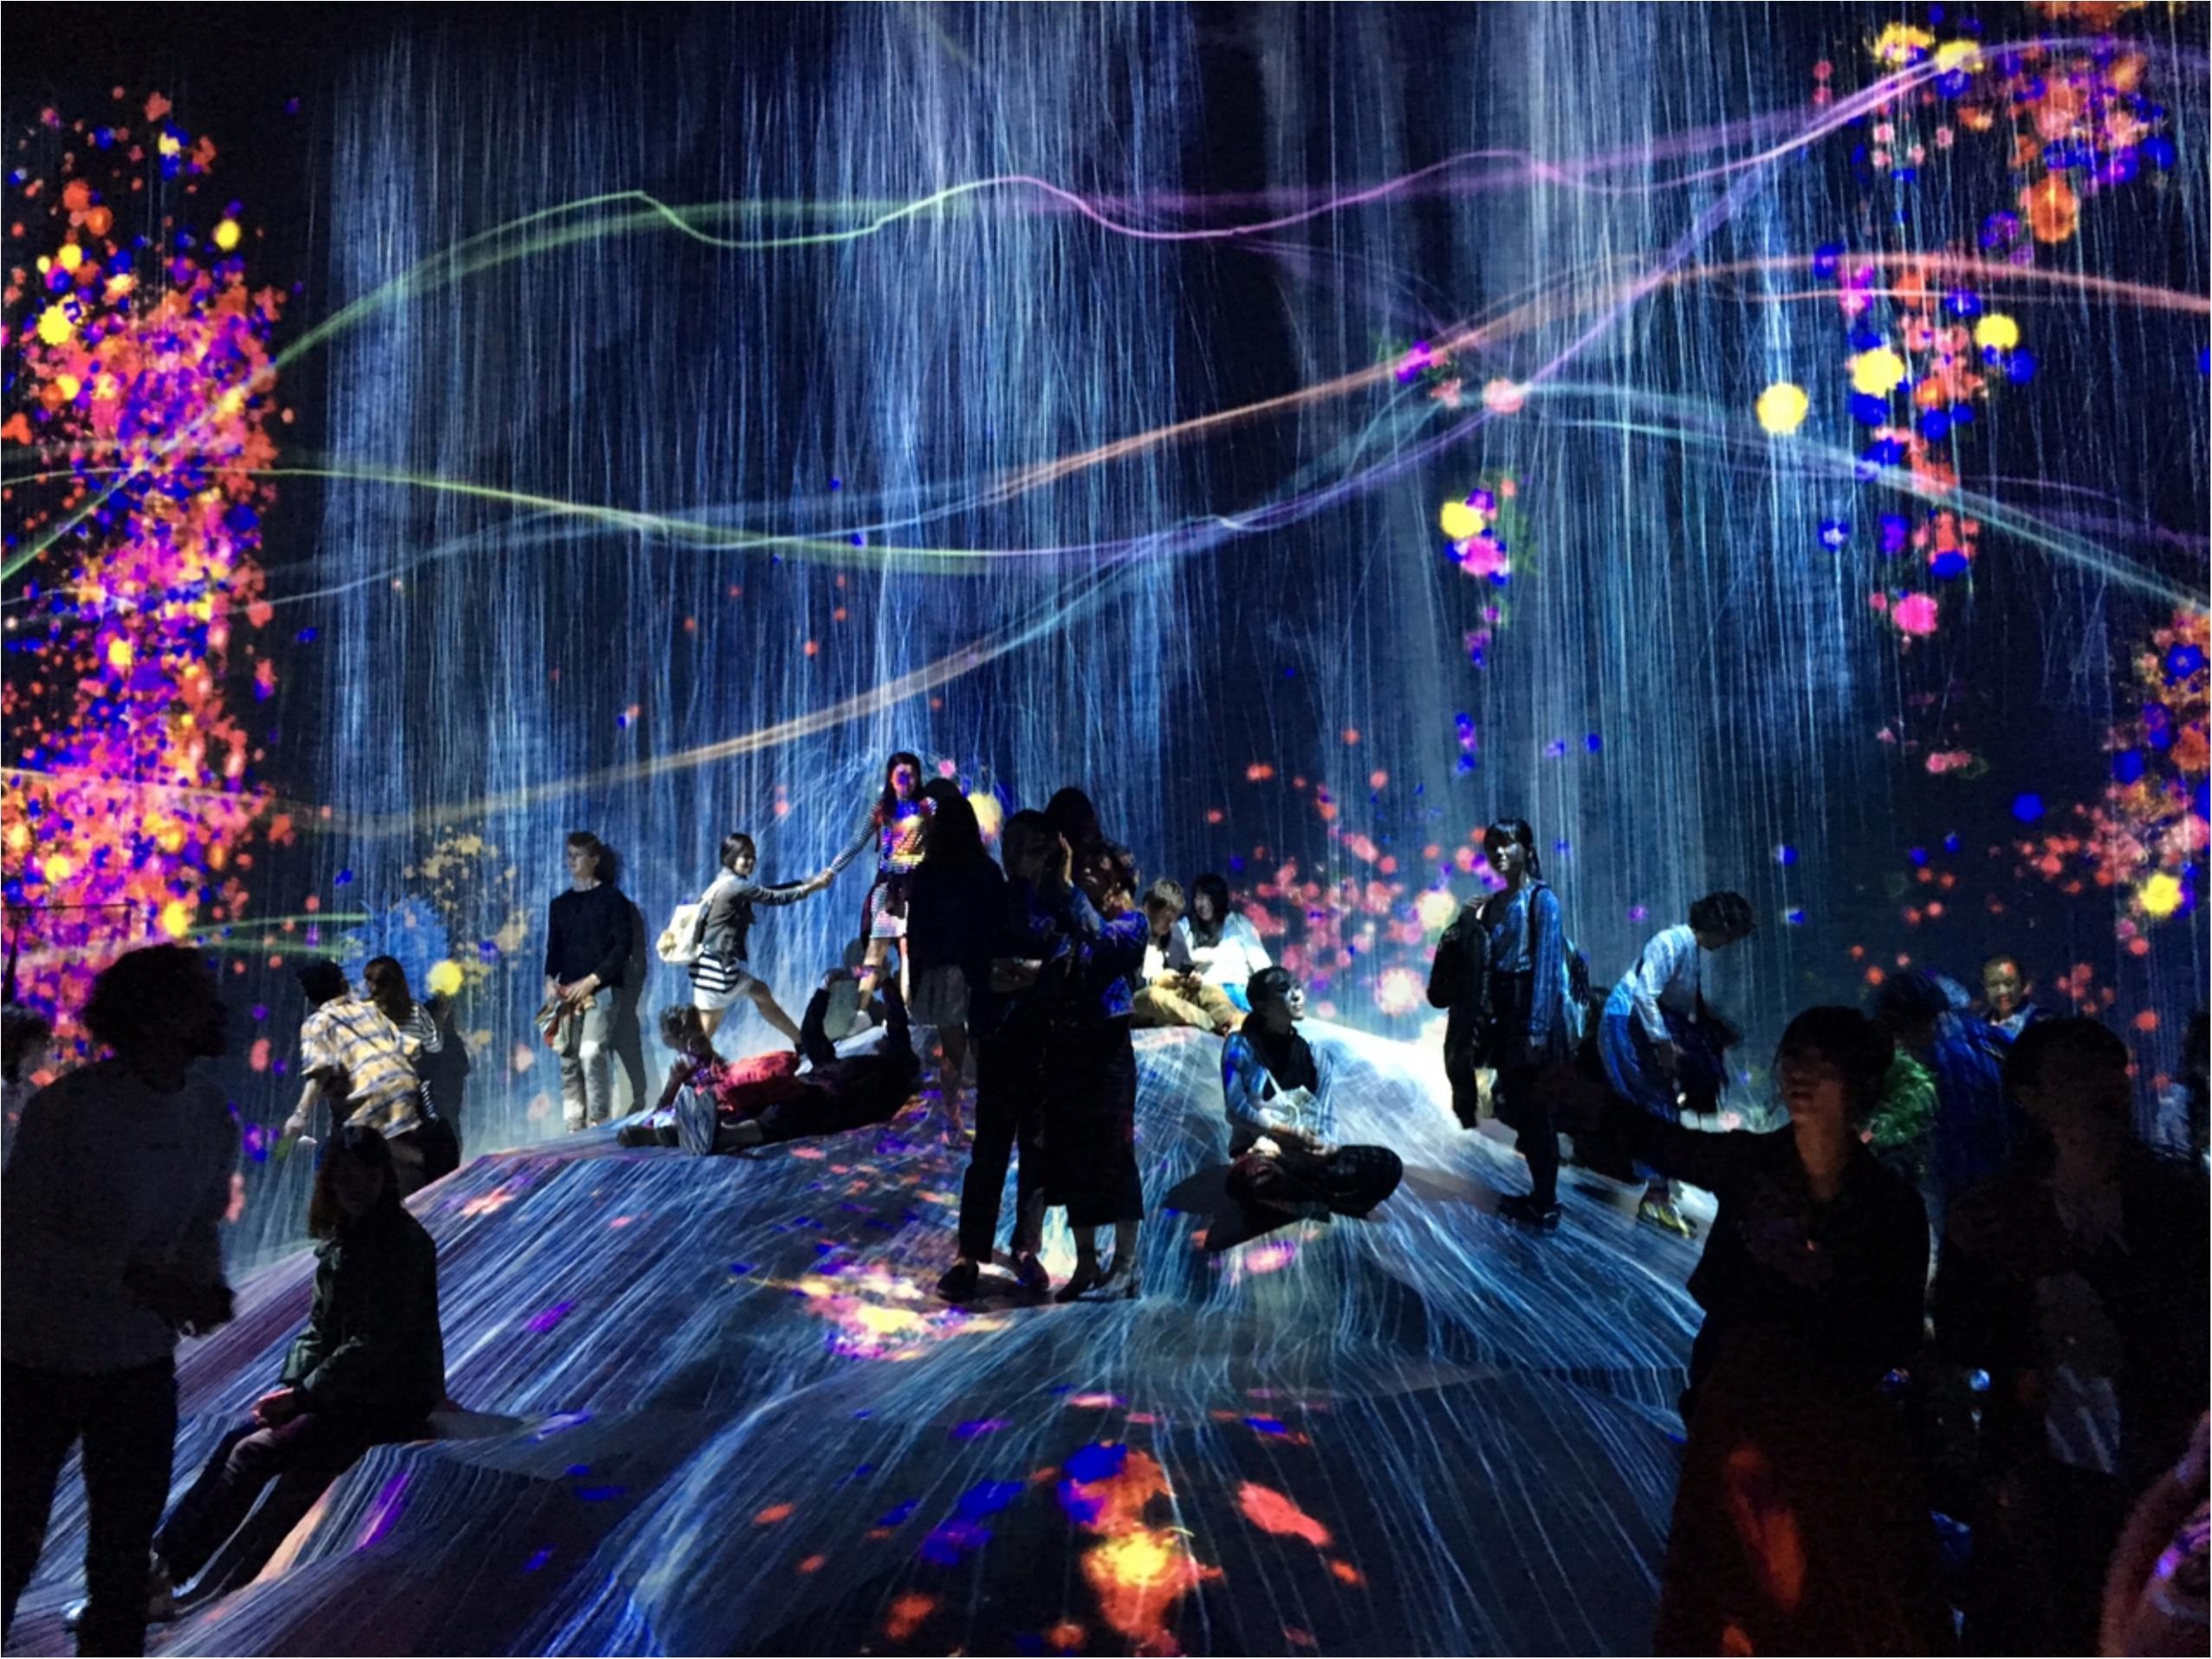 【チームラボ】お台場で開催中『ボーダレス』ランプの森が幻想的すぎる!_2